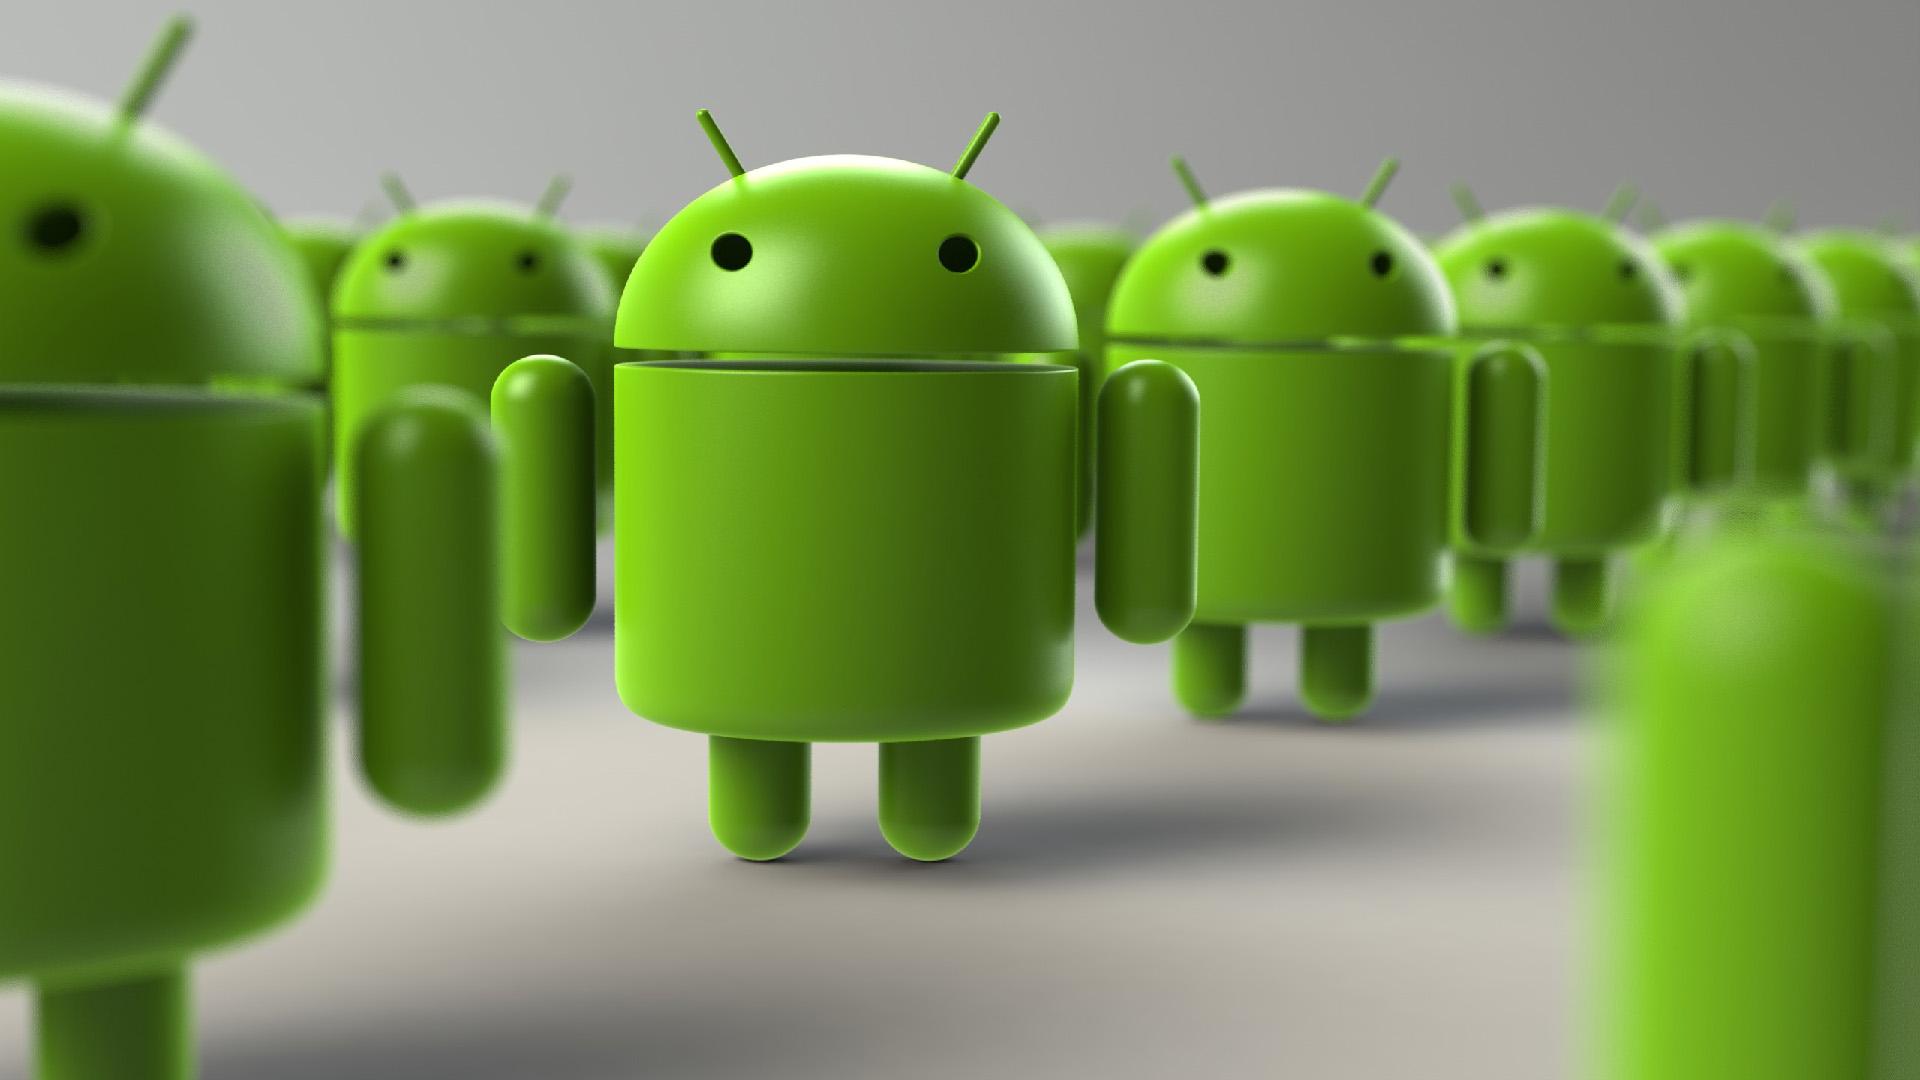 La nueva para dispositivos Samsung, Huawei, entre otros dispondrá de nuevos niveles de resguardo para aplicaciones